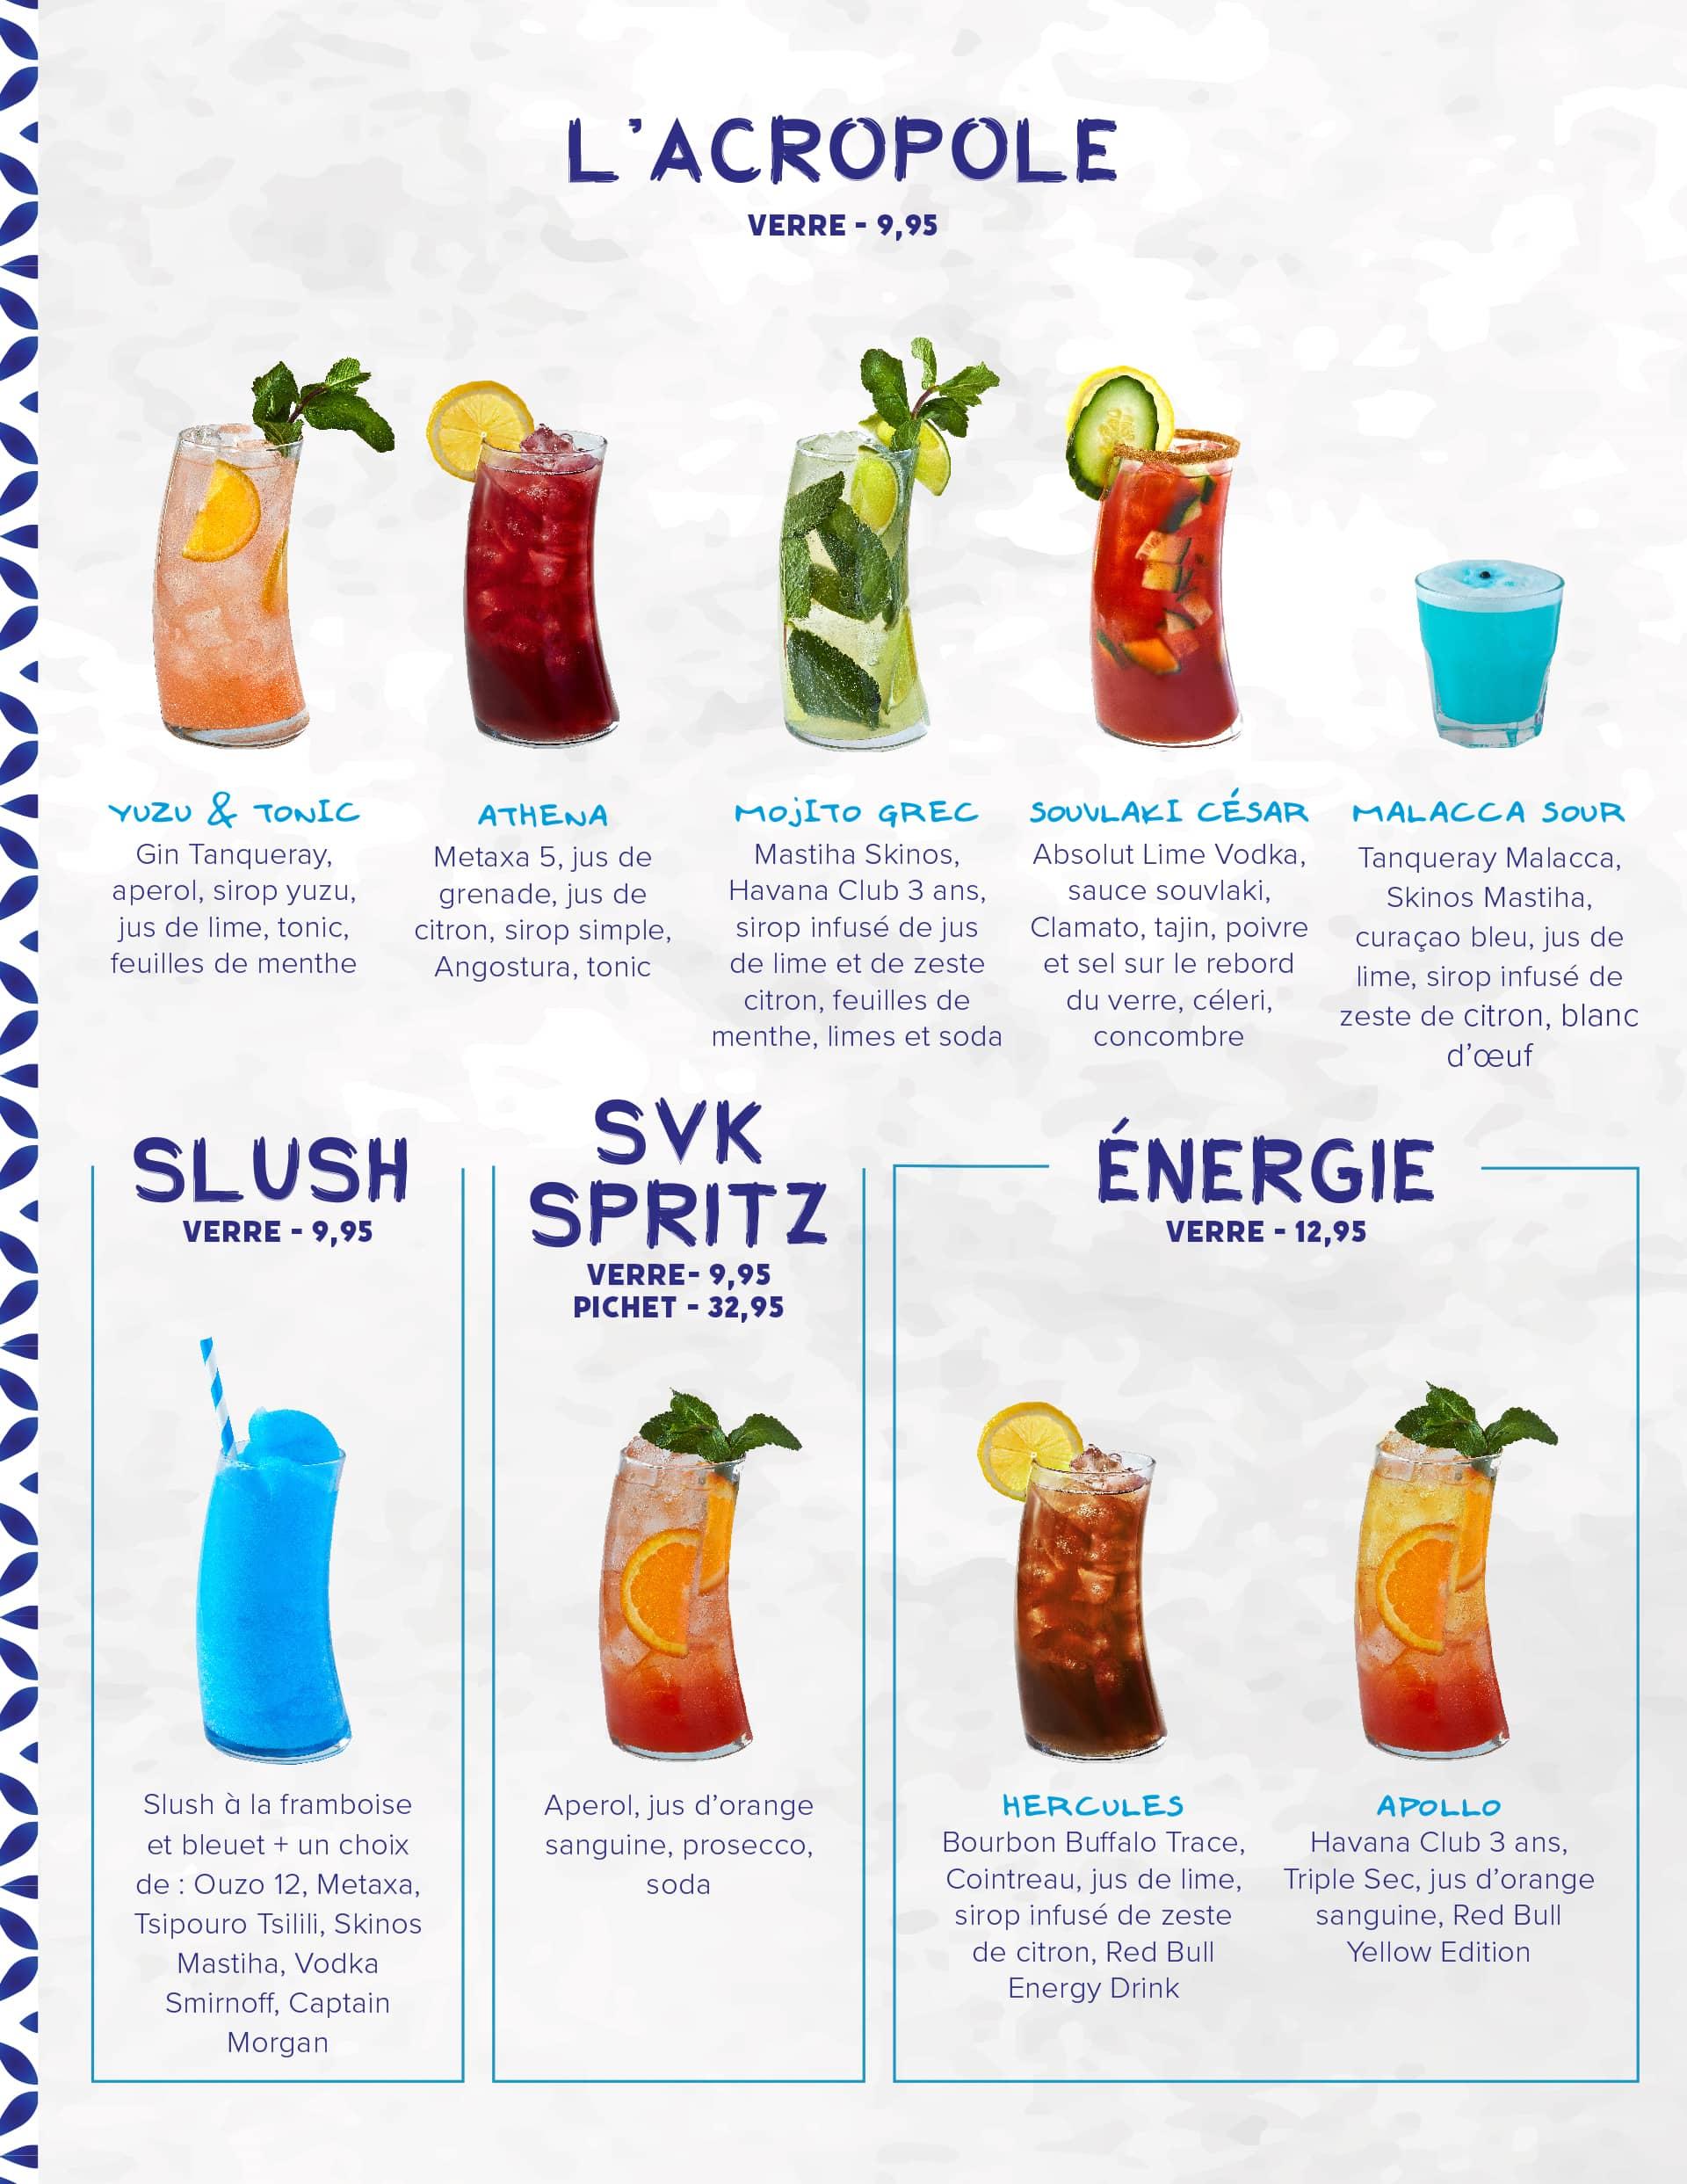 Menu breuvages avec cocktails L'acropole, slush, SVK Spritz et Énergie